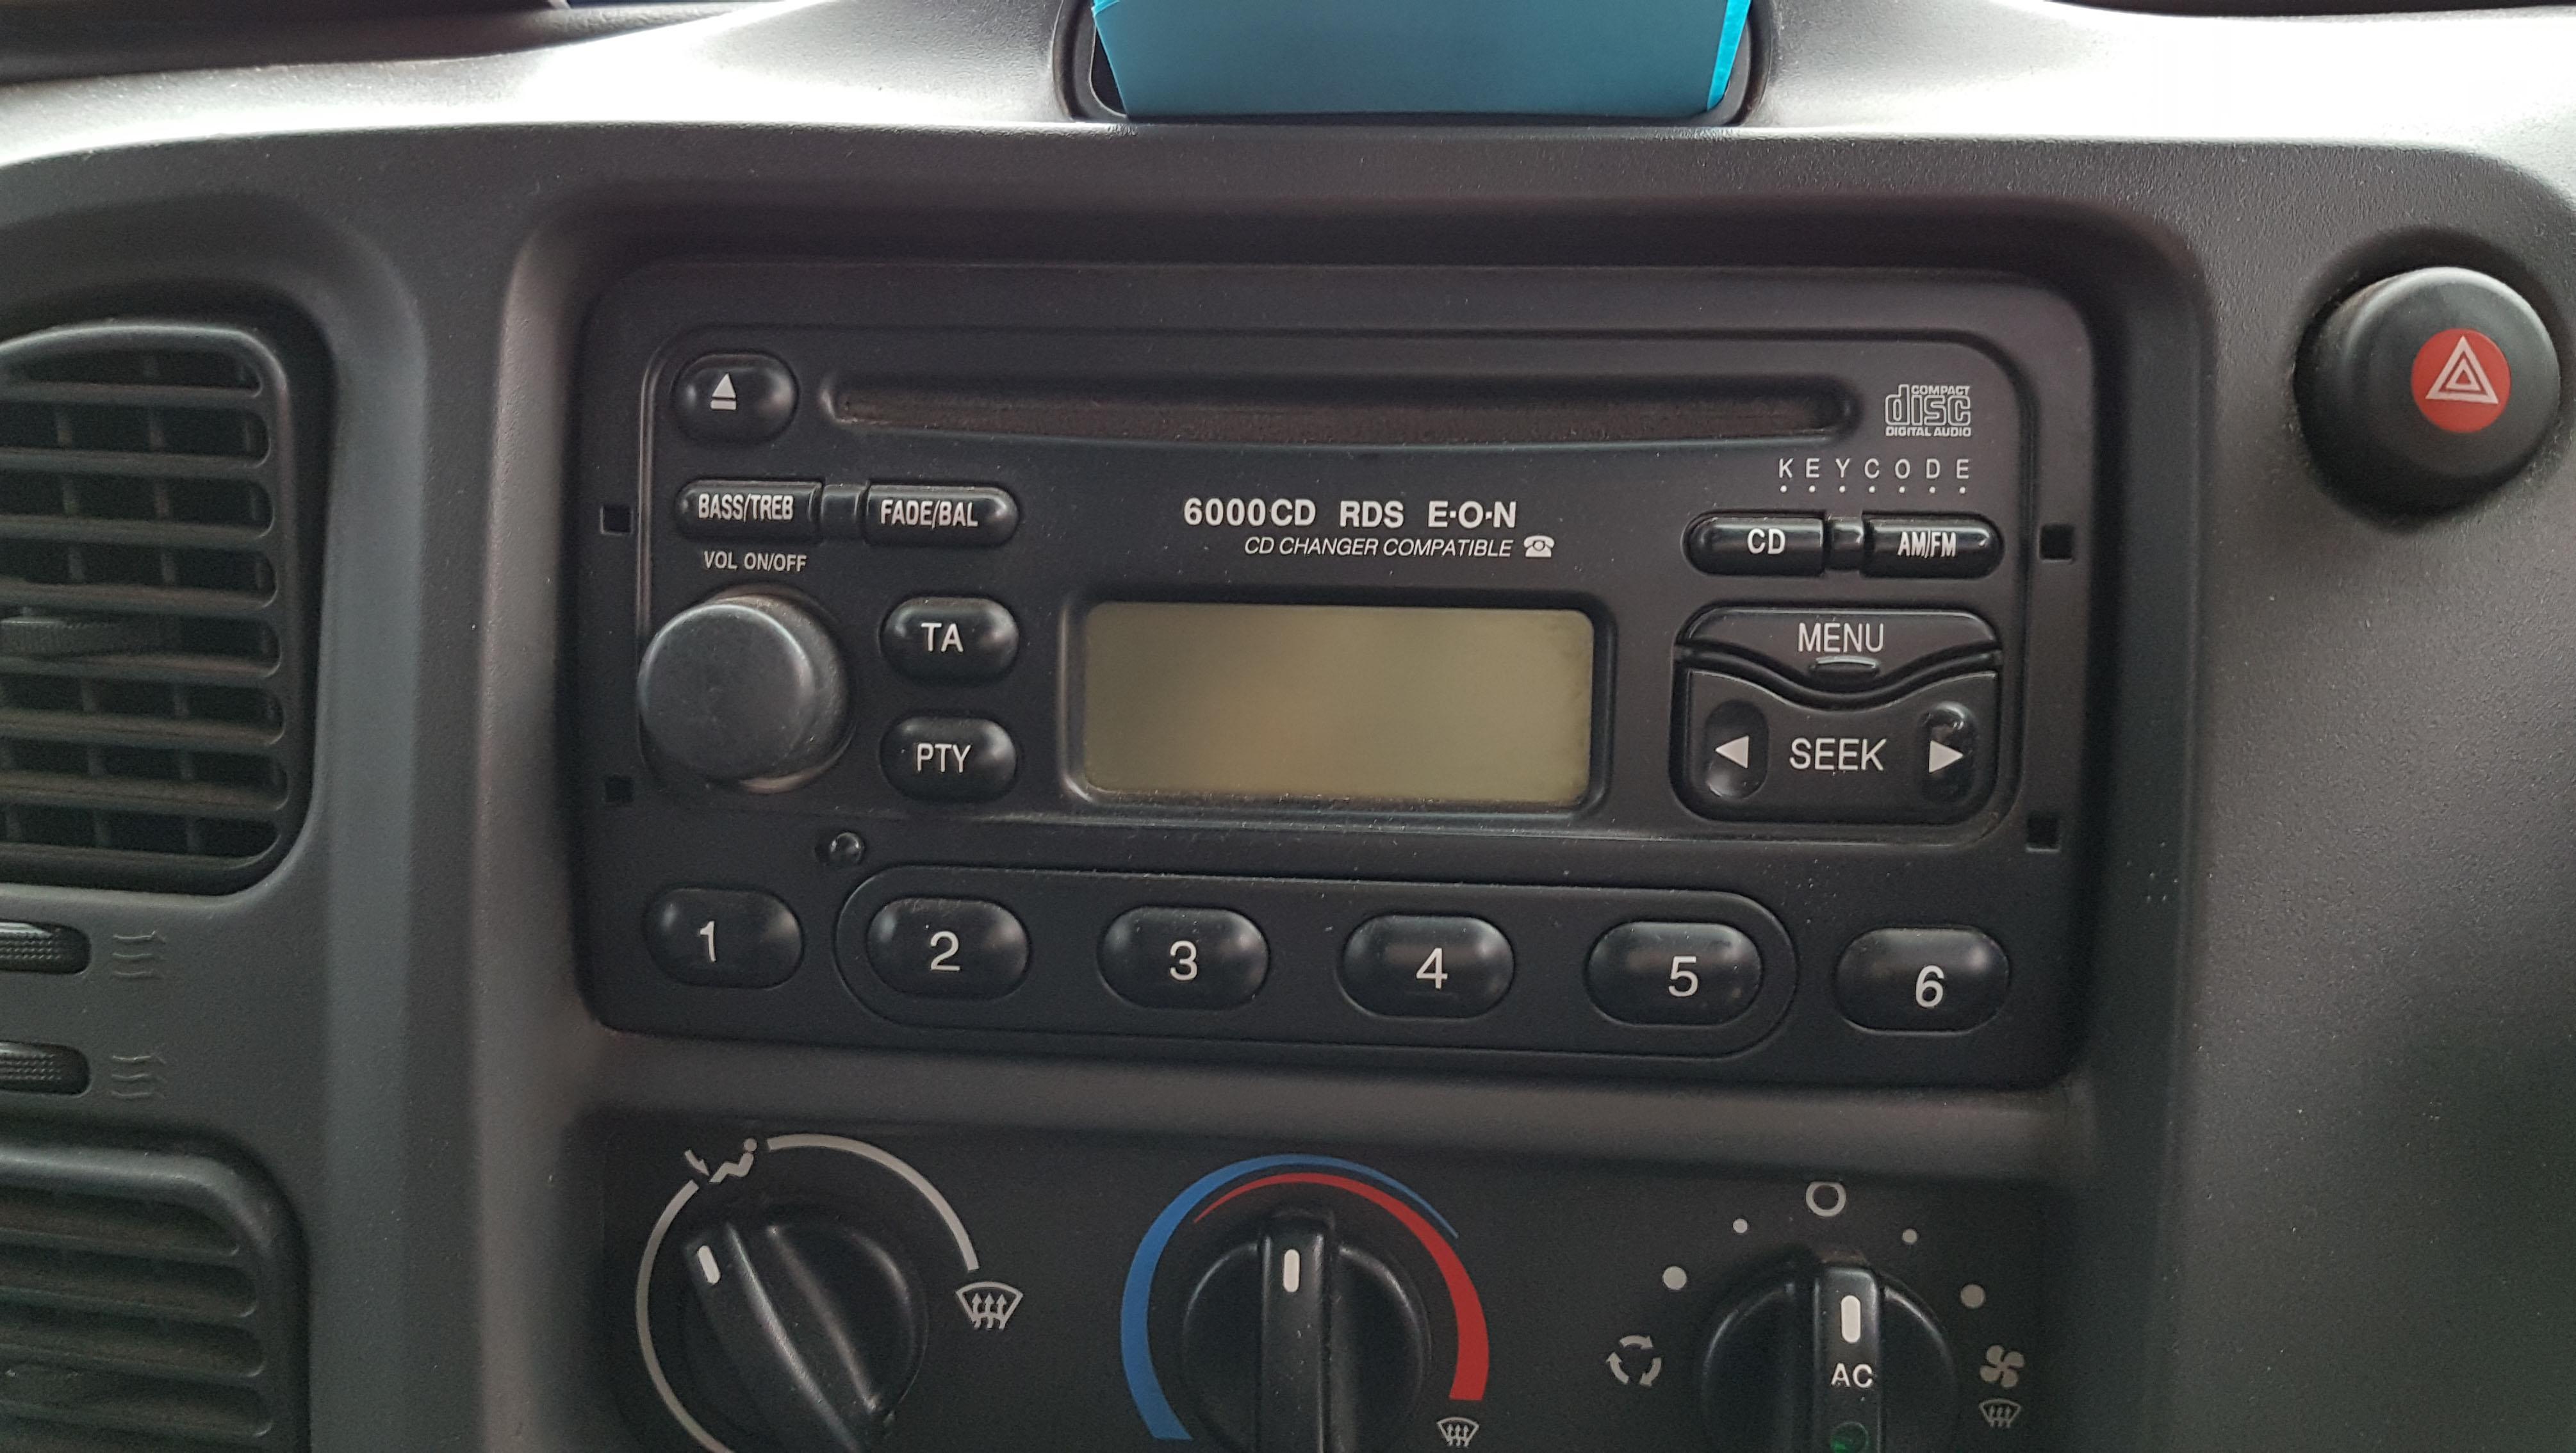 Ford Transit 1996 2006 Vf Vg Vh Vj Aerpro Mk6 Fuse Box